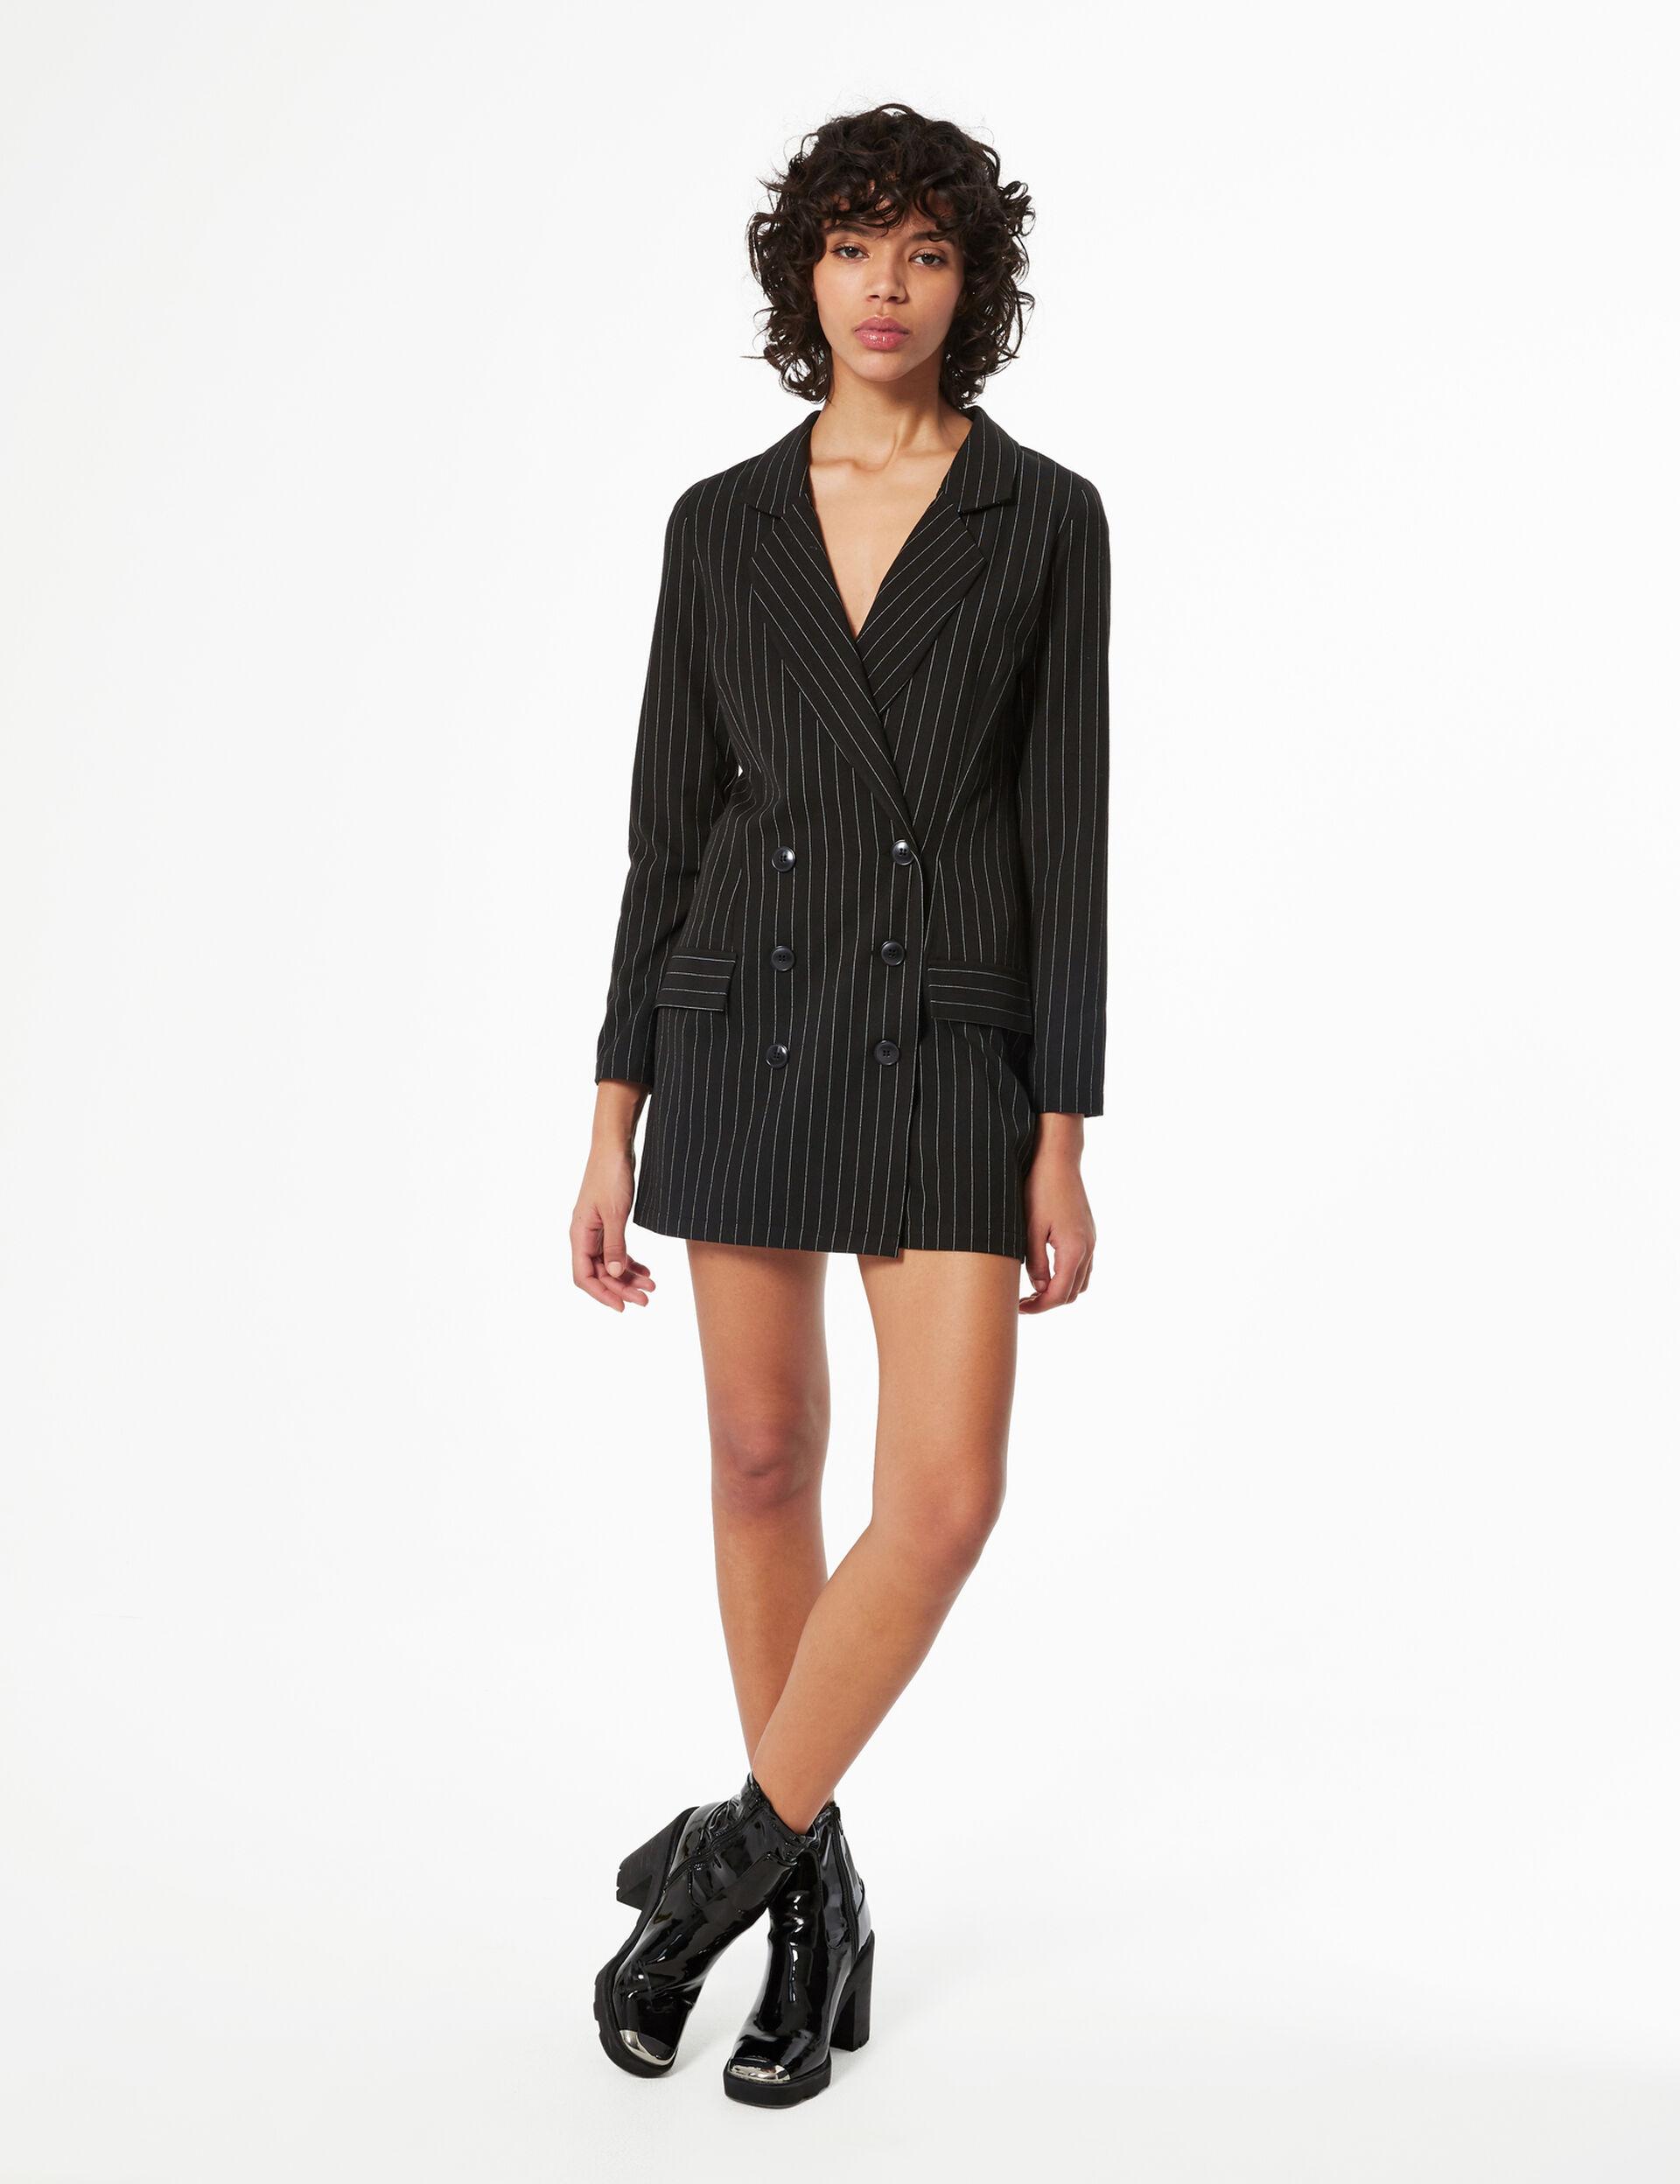 Striped blazer playsuit